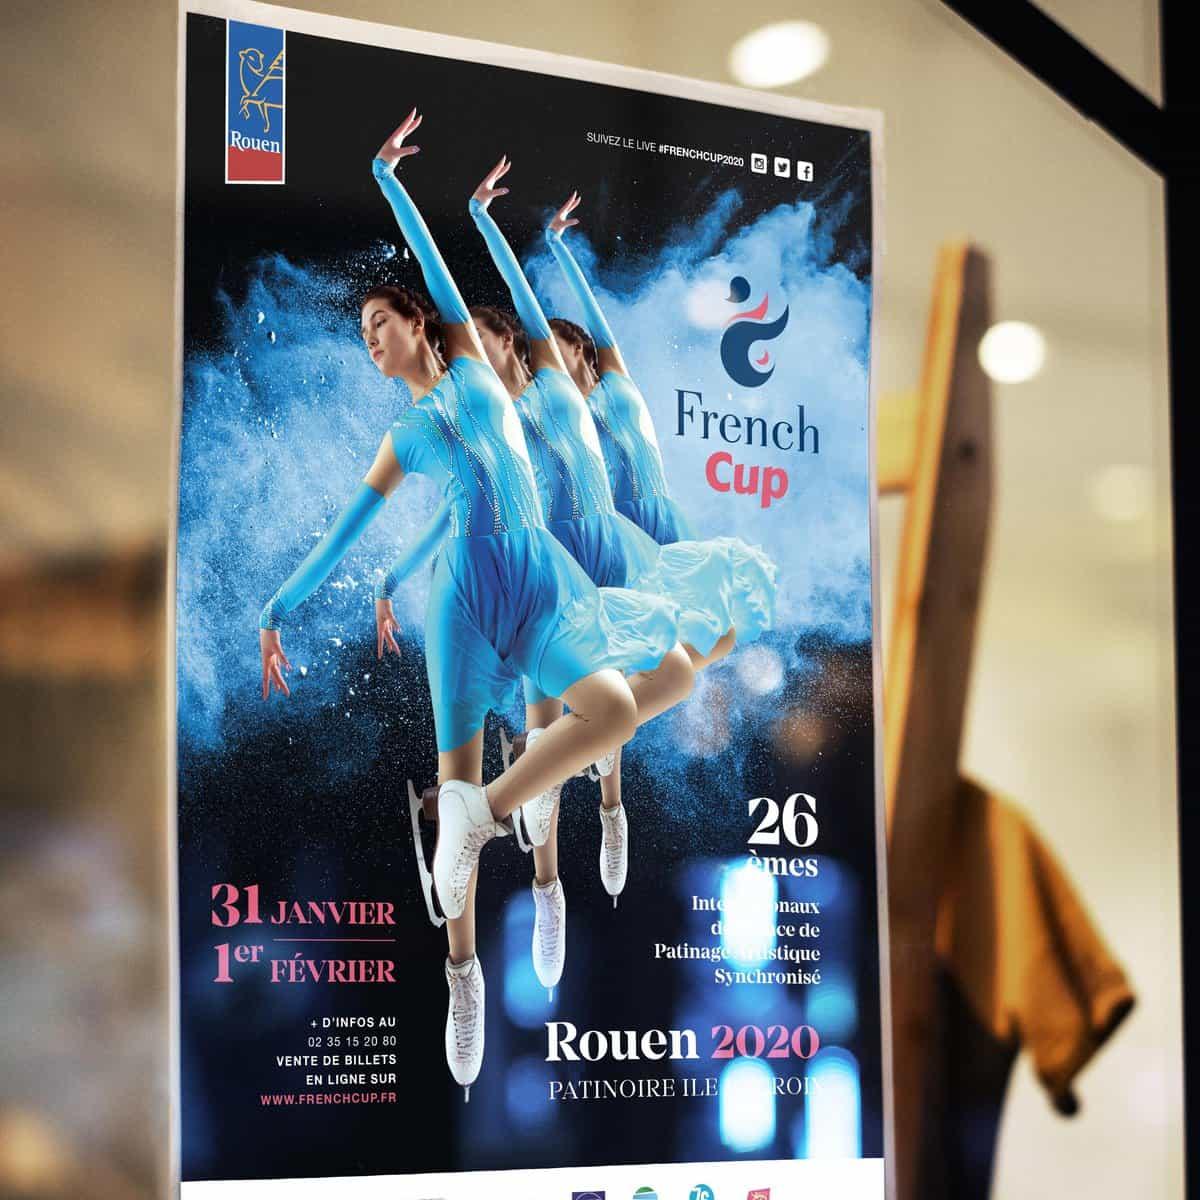 La french cup 2020 de retour à Rouen !